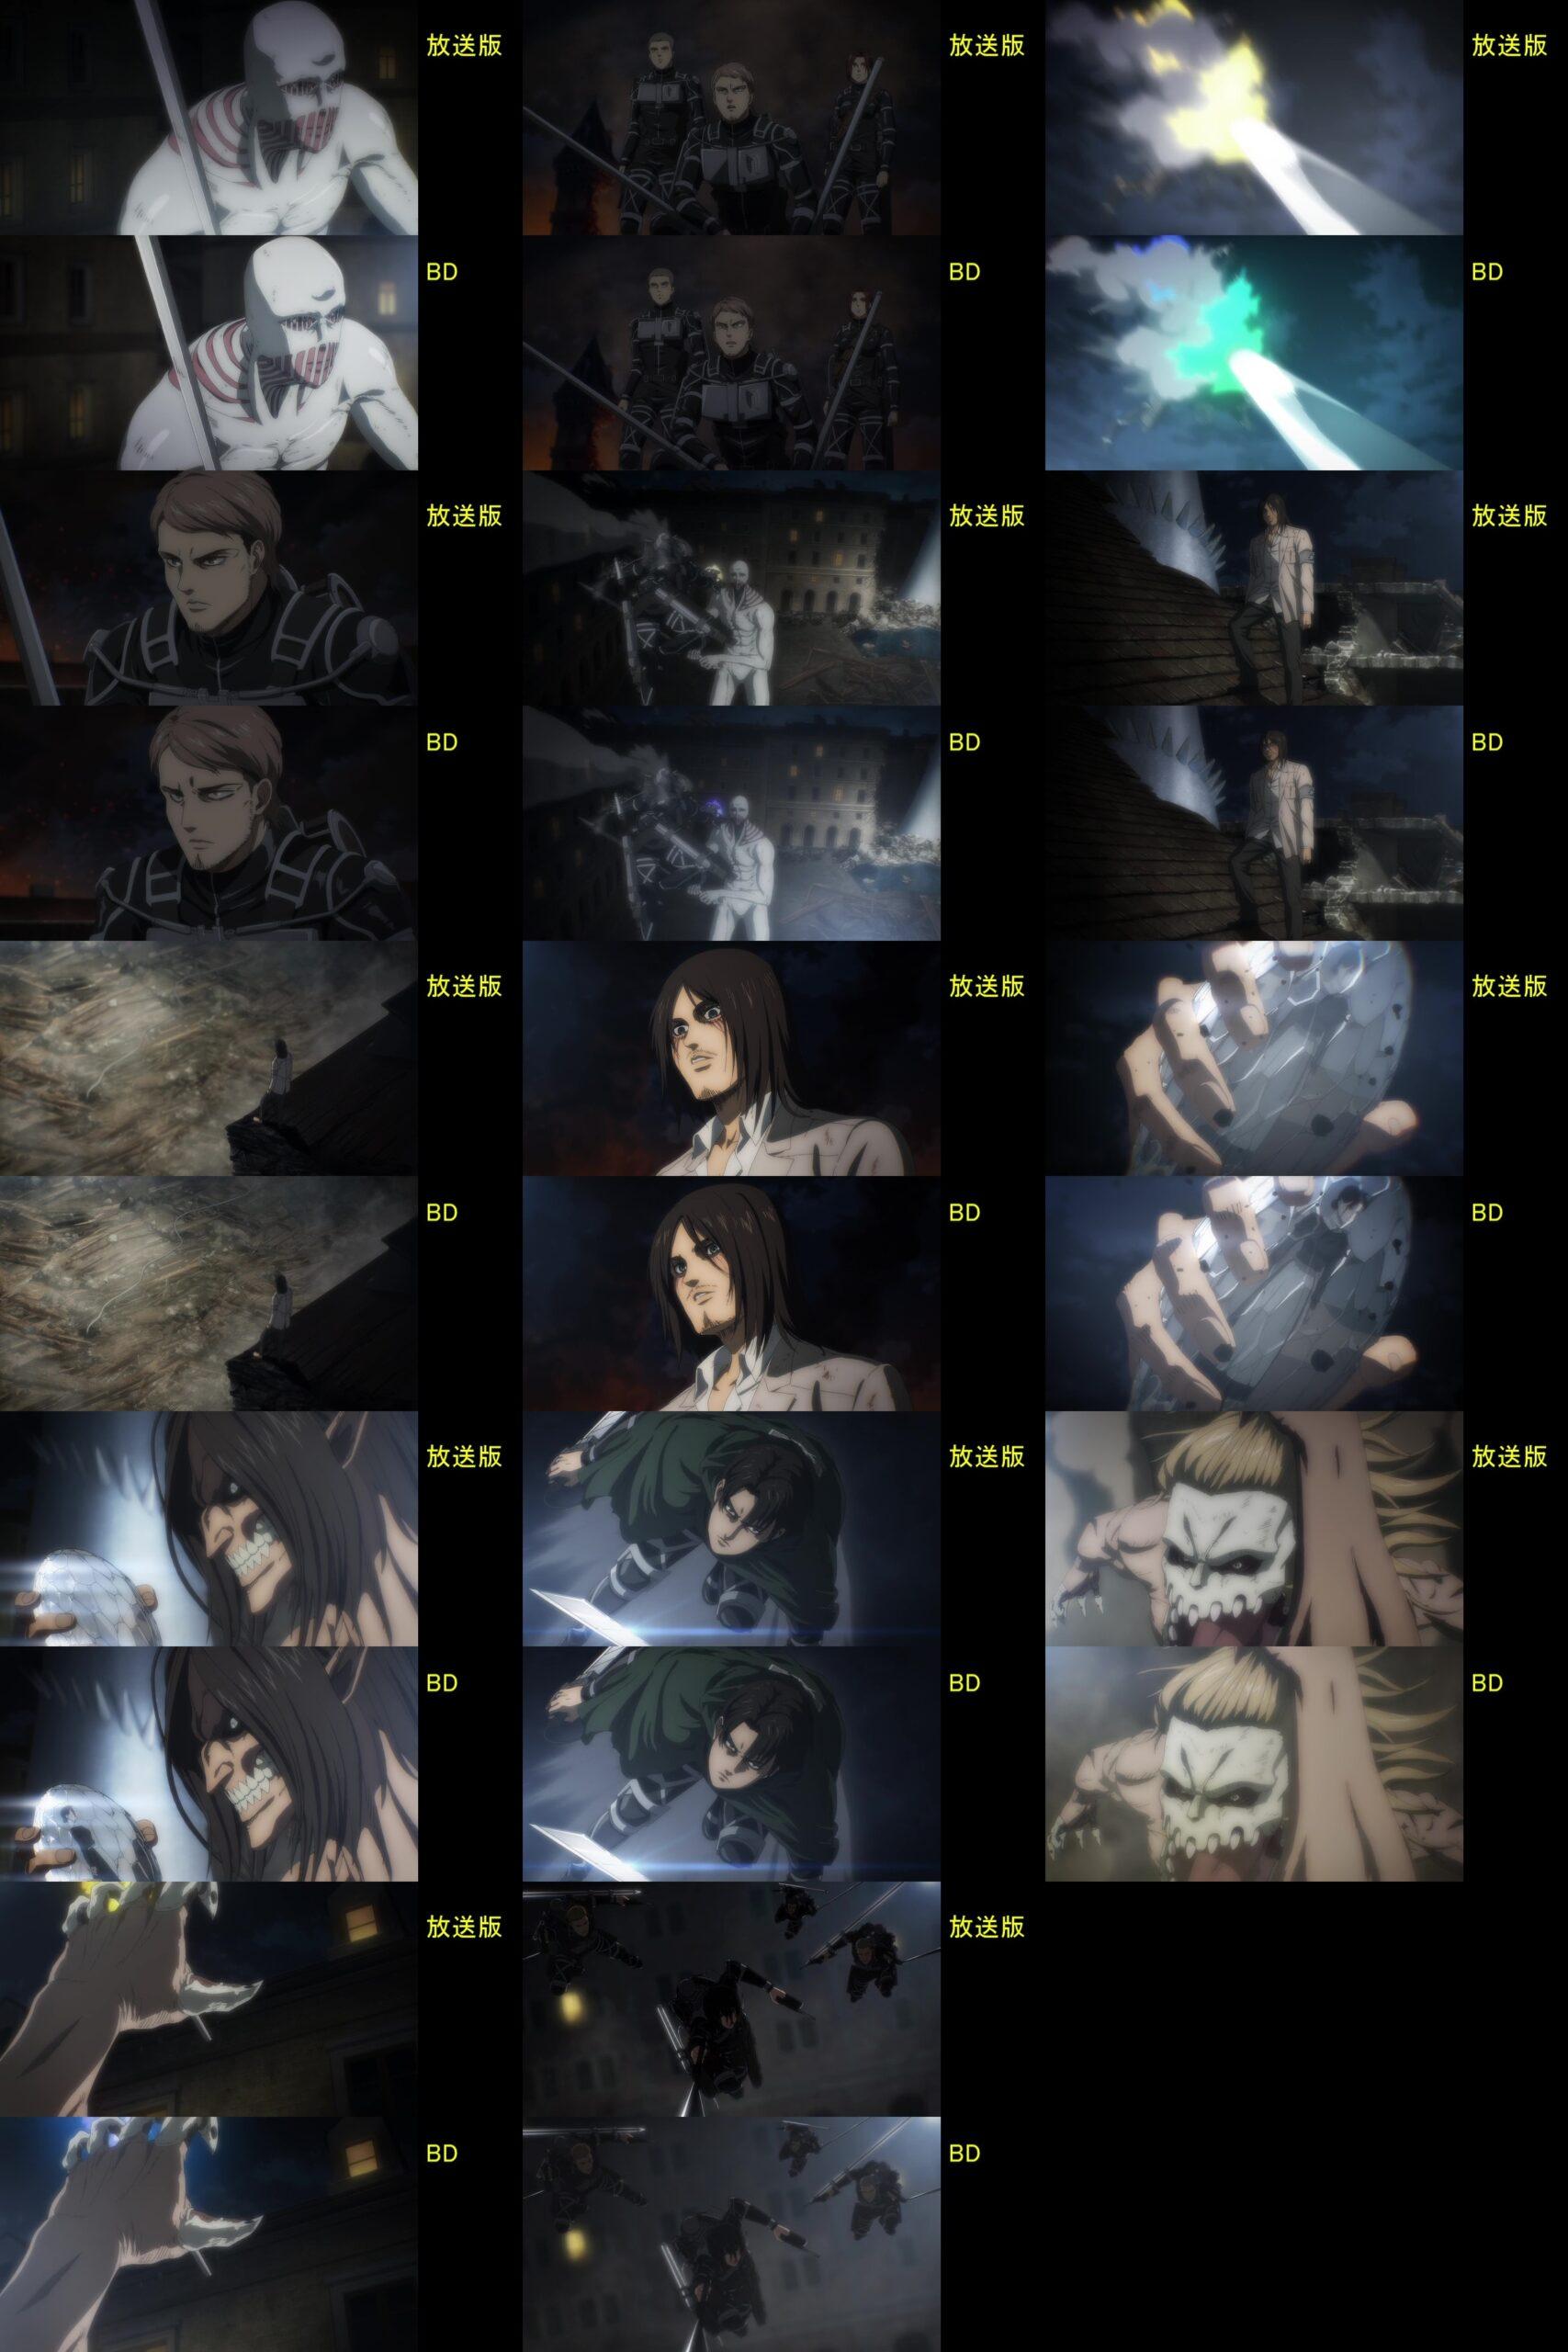 A5 7 scaled - Correções do Anime Shingeki no Kyojin: The Final Season no Blu-ray/DVD.